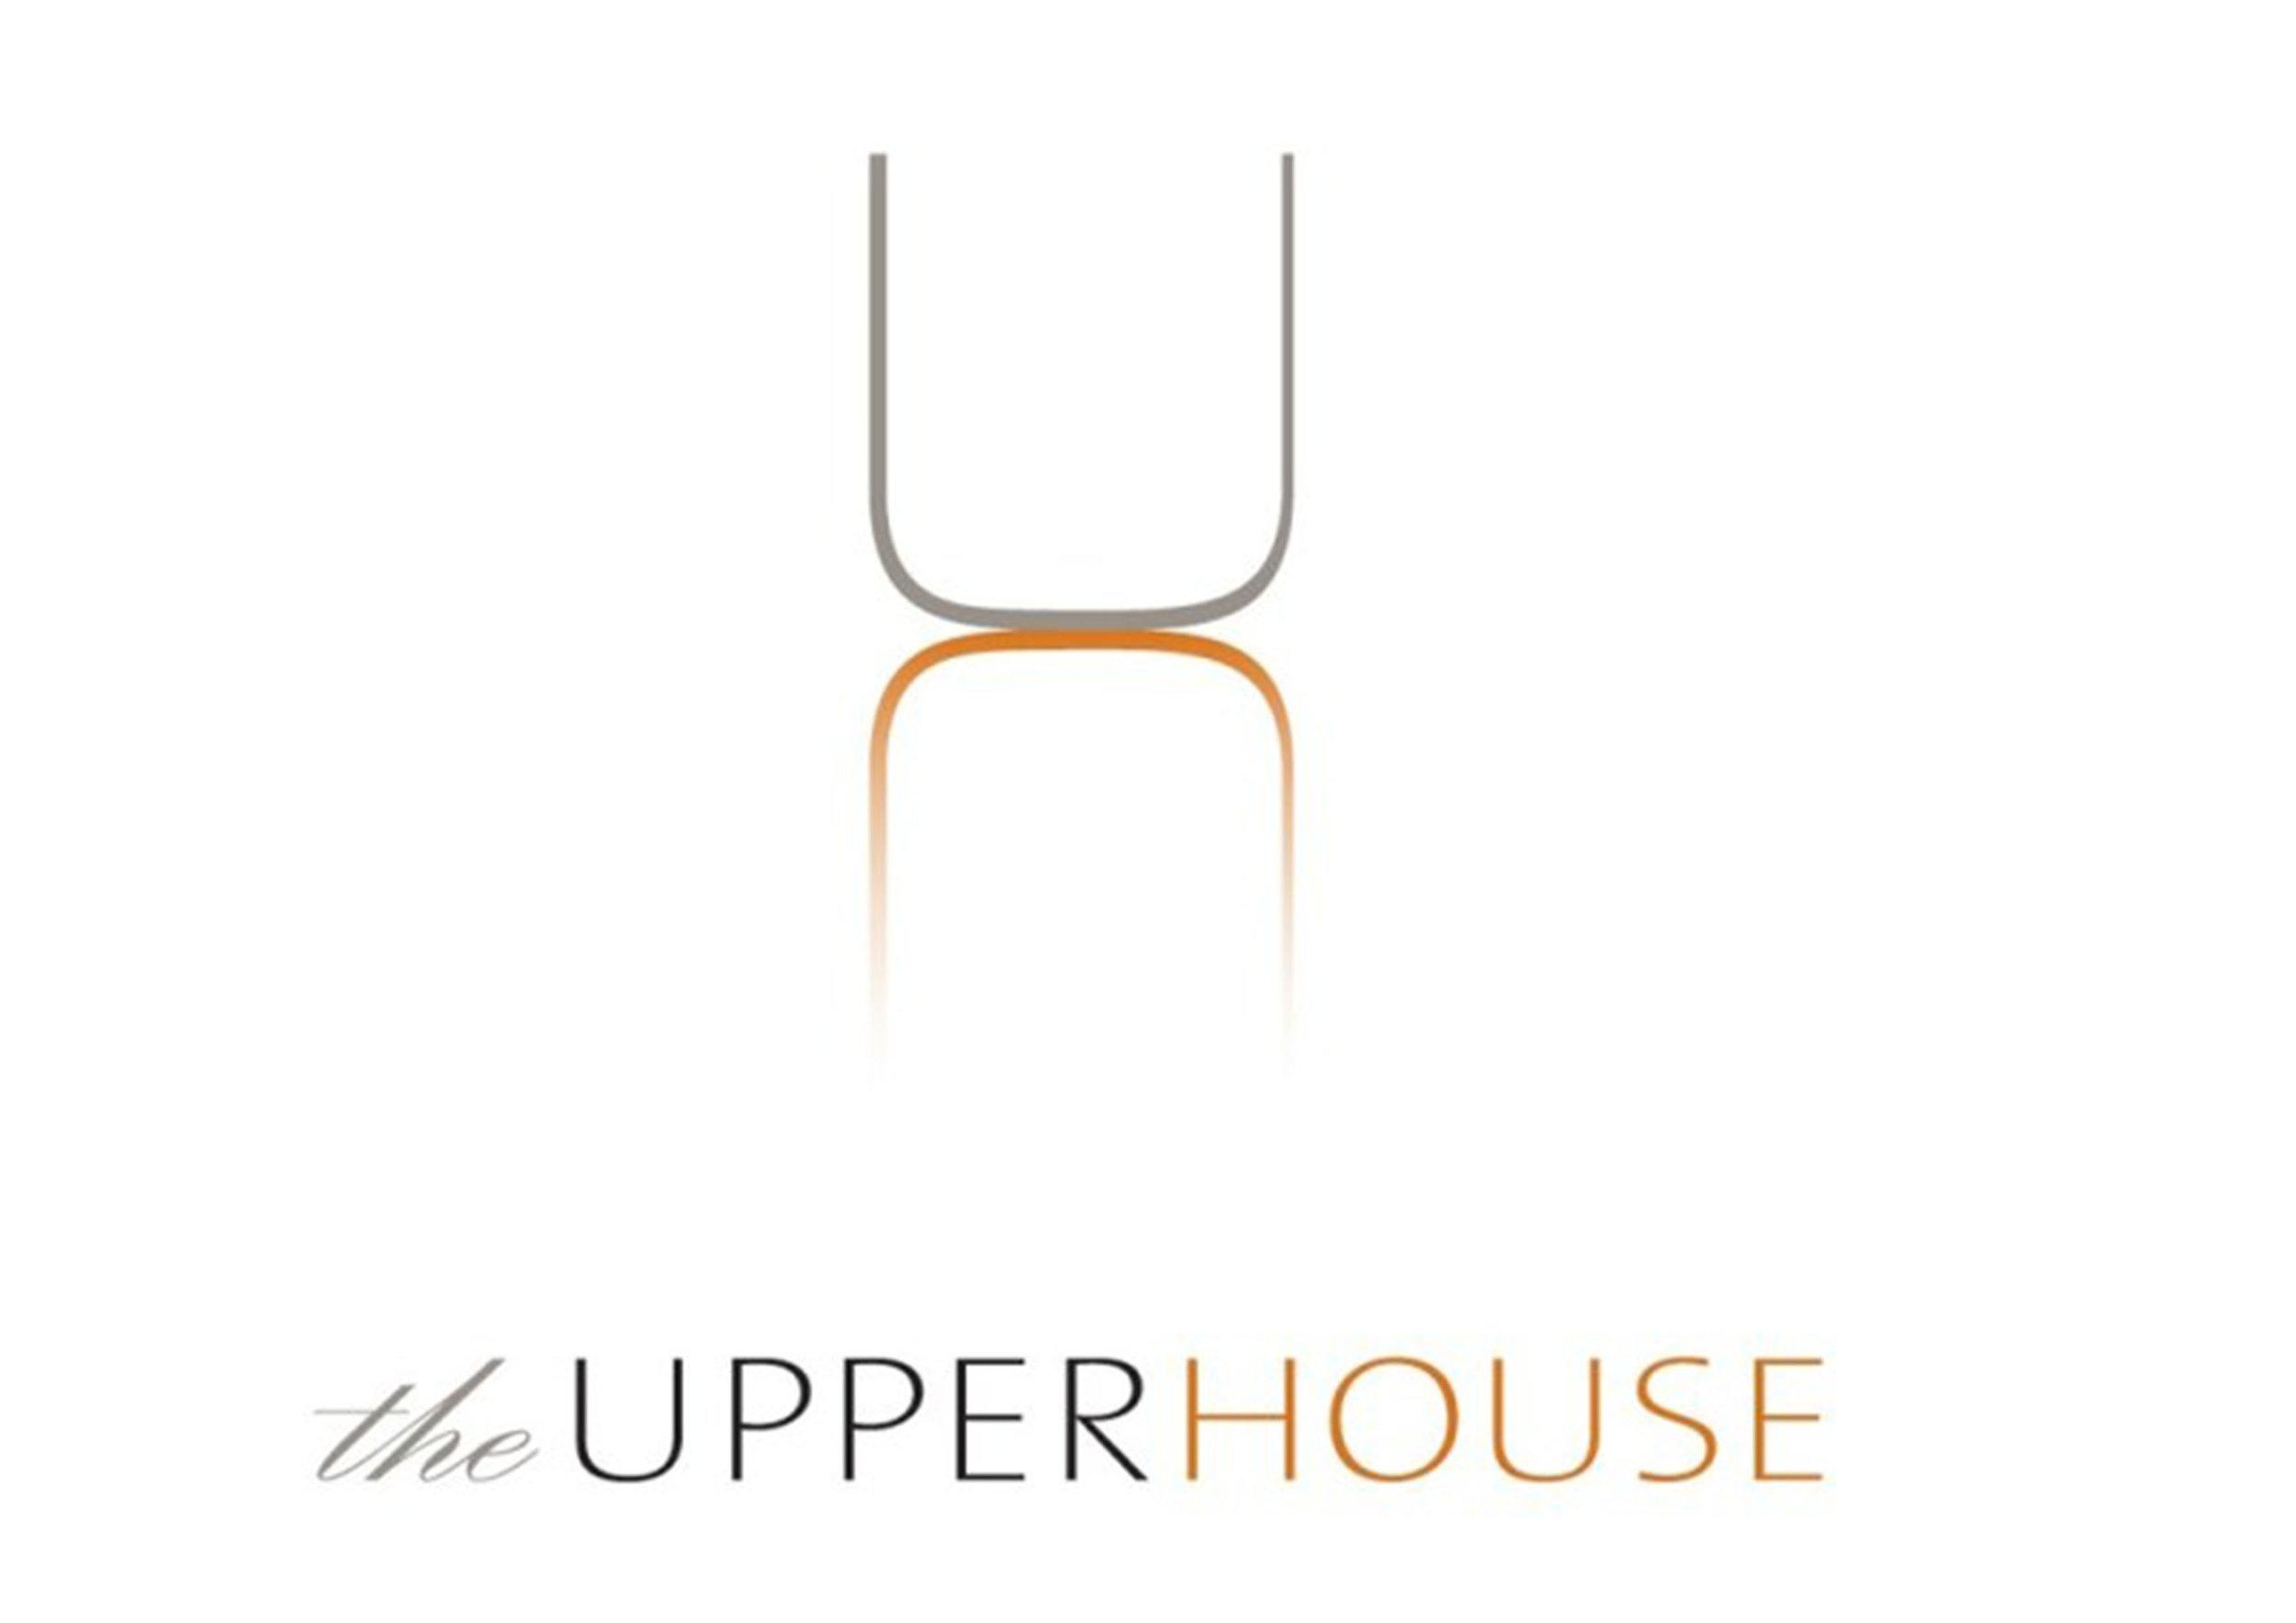 Upper House.jpg